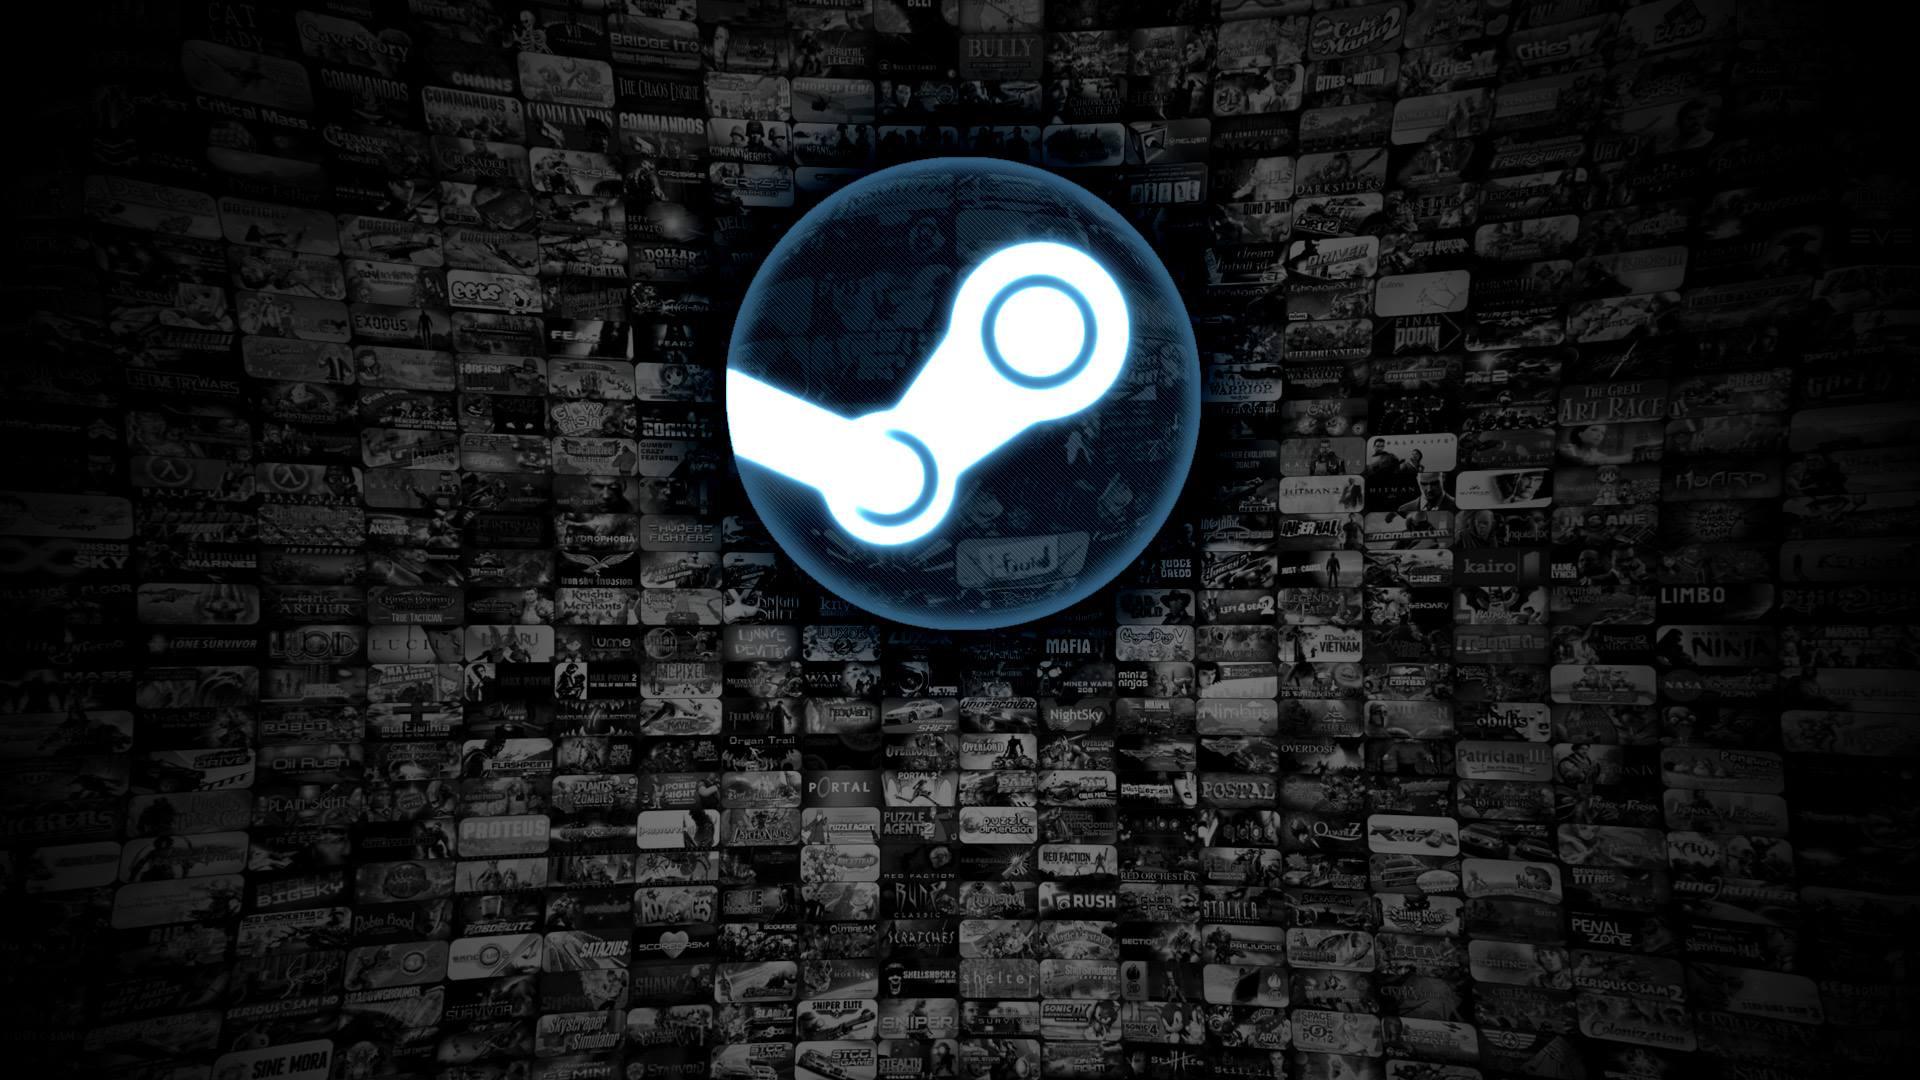 Valve пытается сделать работу саппорта Steam более прозрачной и эффективной - 1